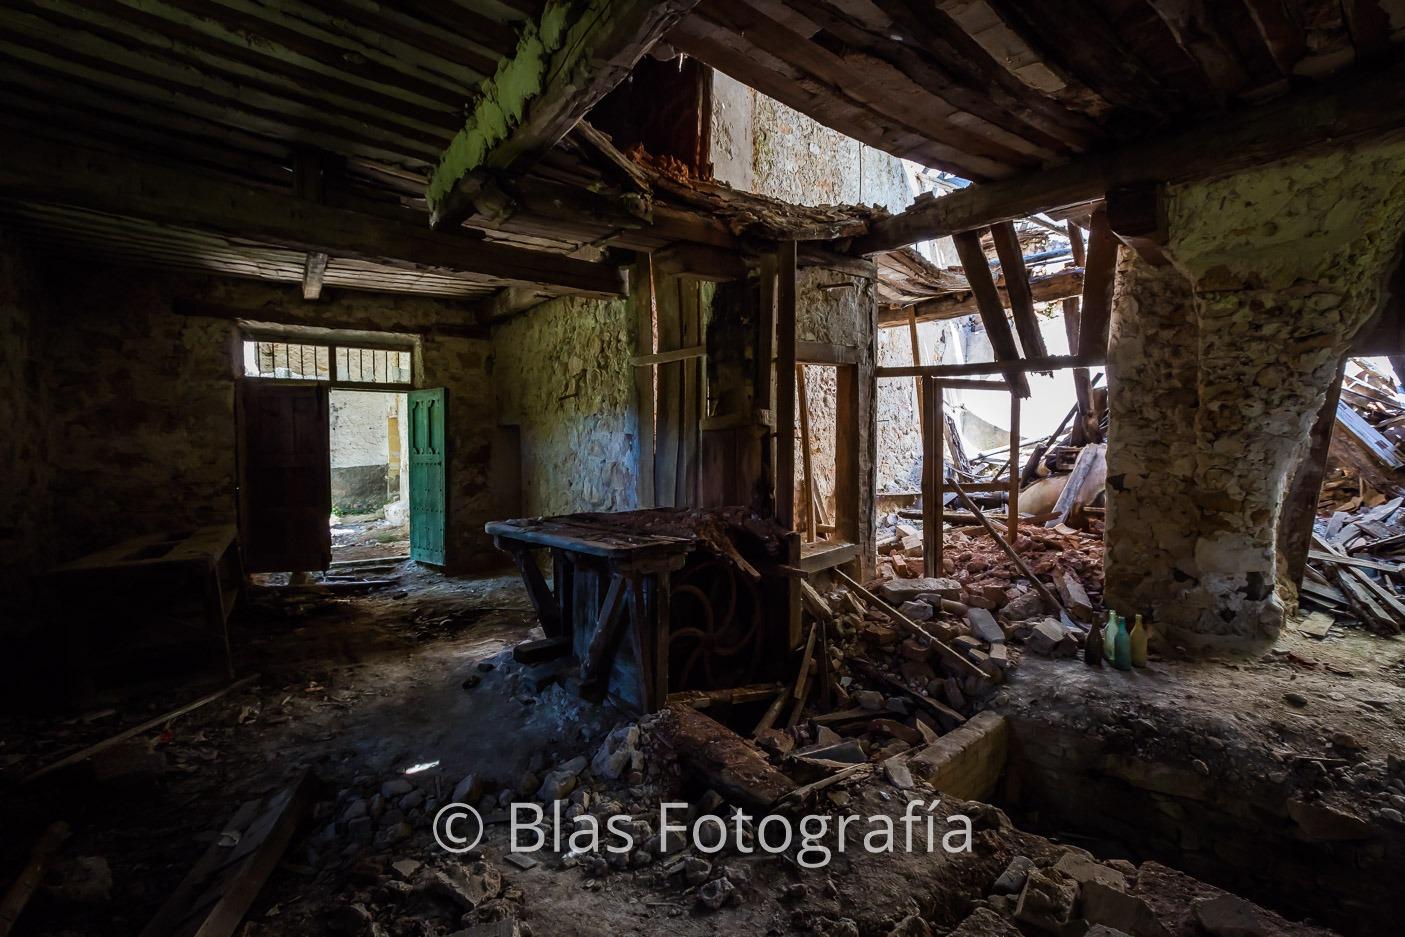 Ruinas de molino harinero de agua